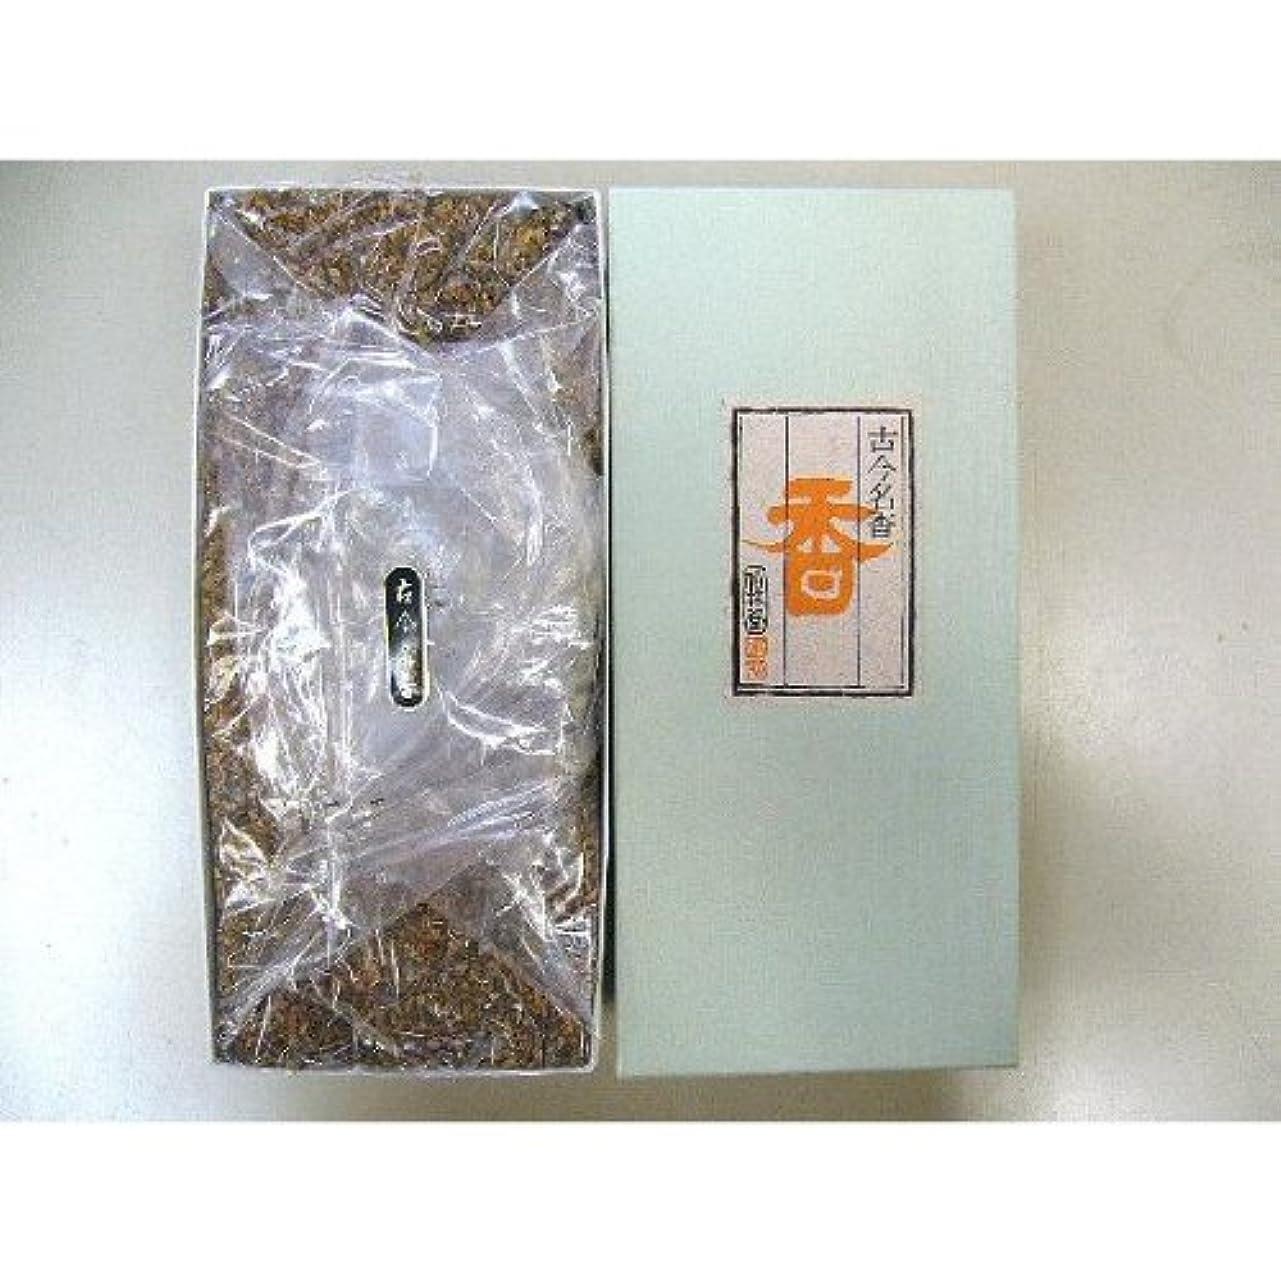 メタリックキッチンオートマトン焼香 古今名香500g箱入 抹香